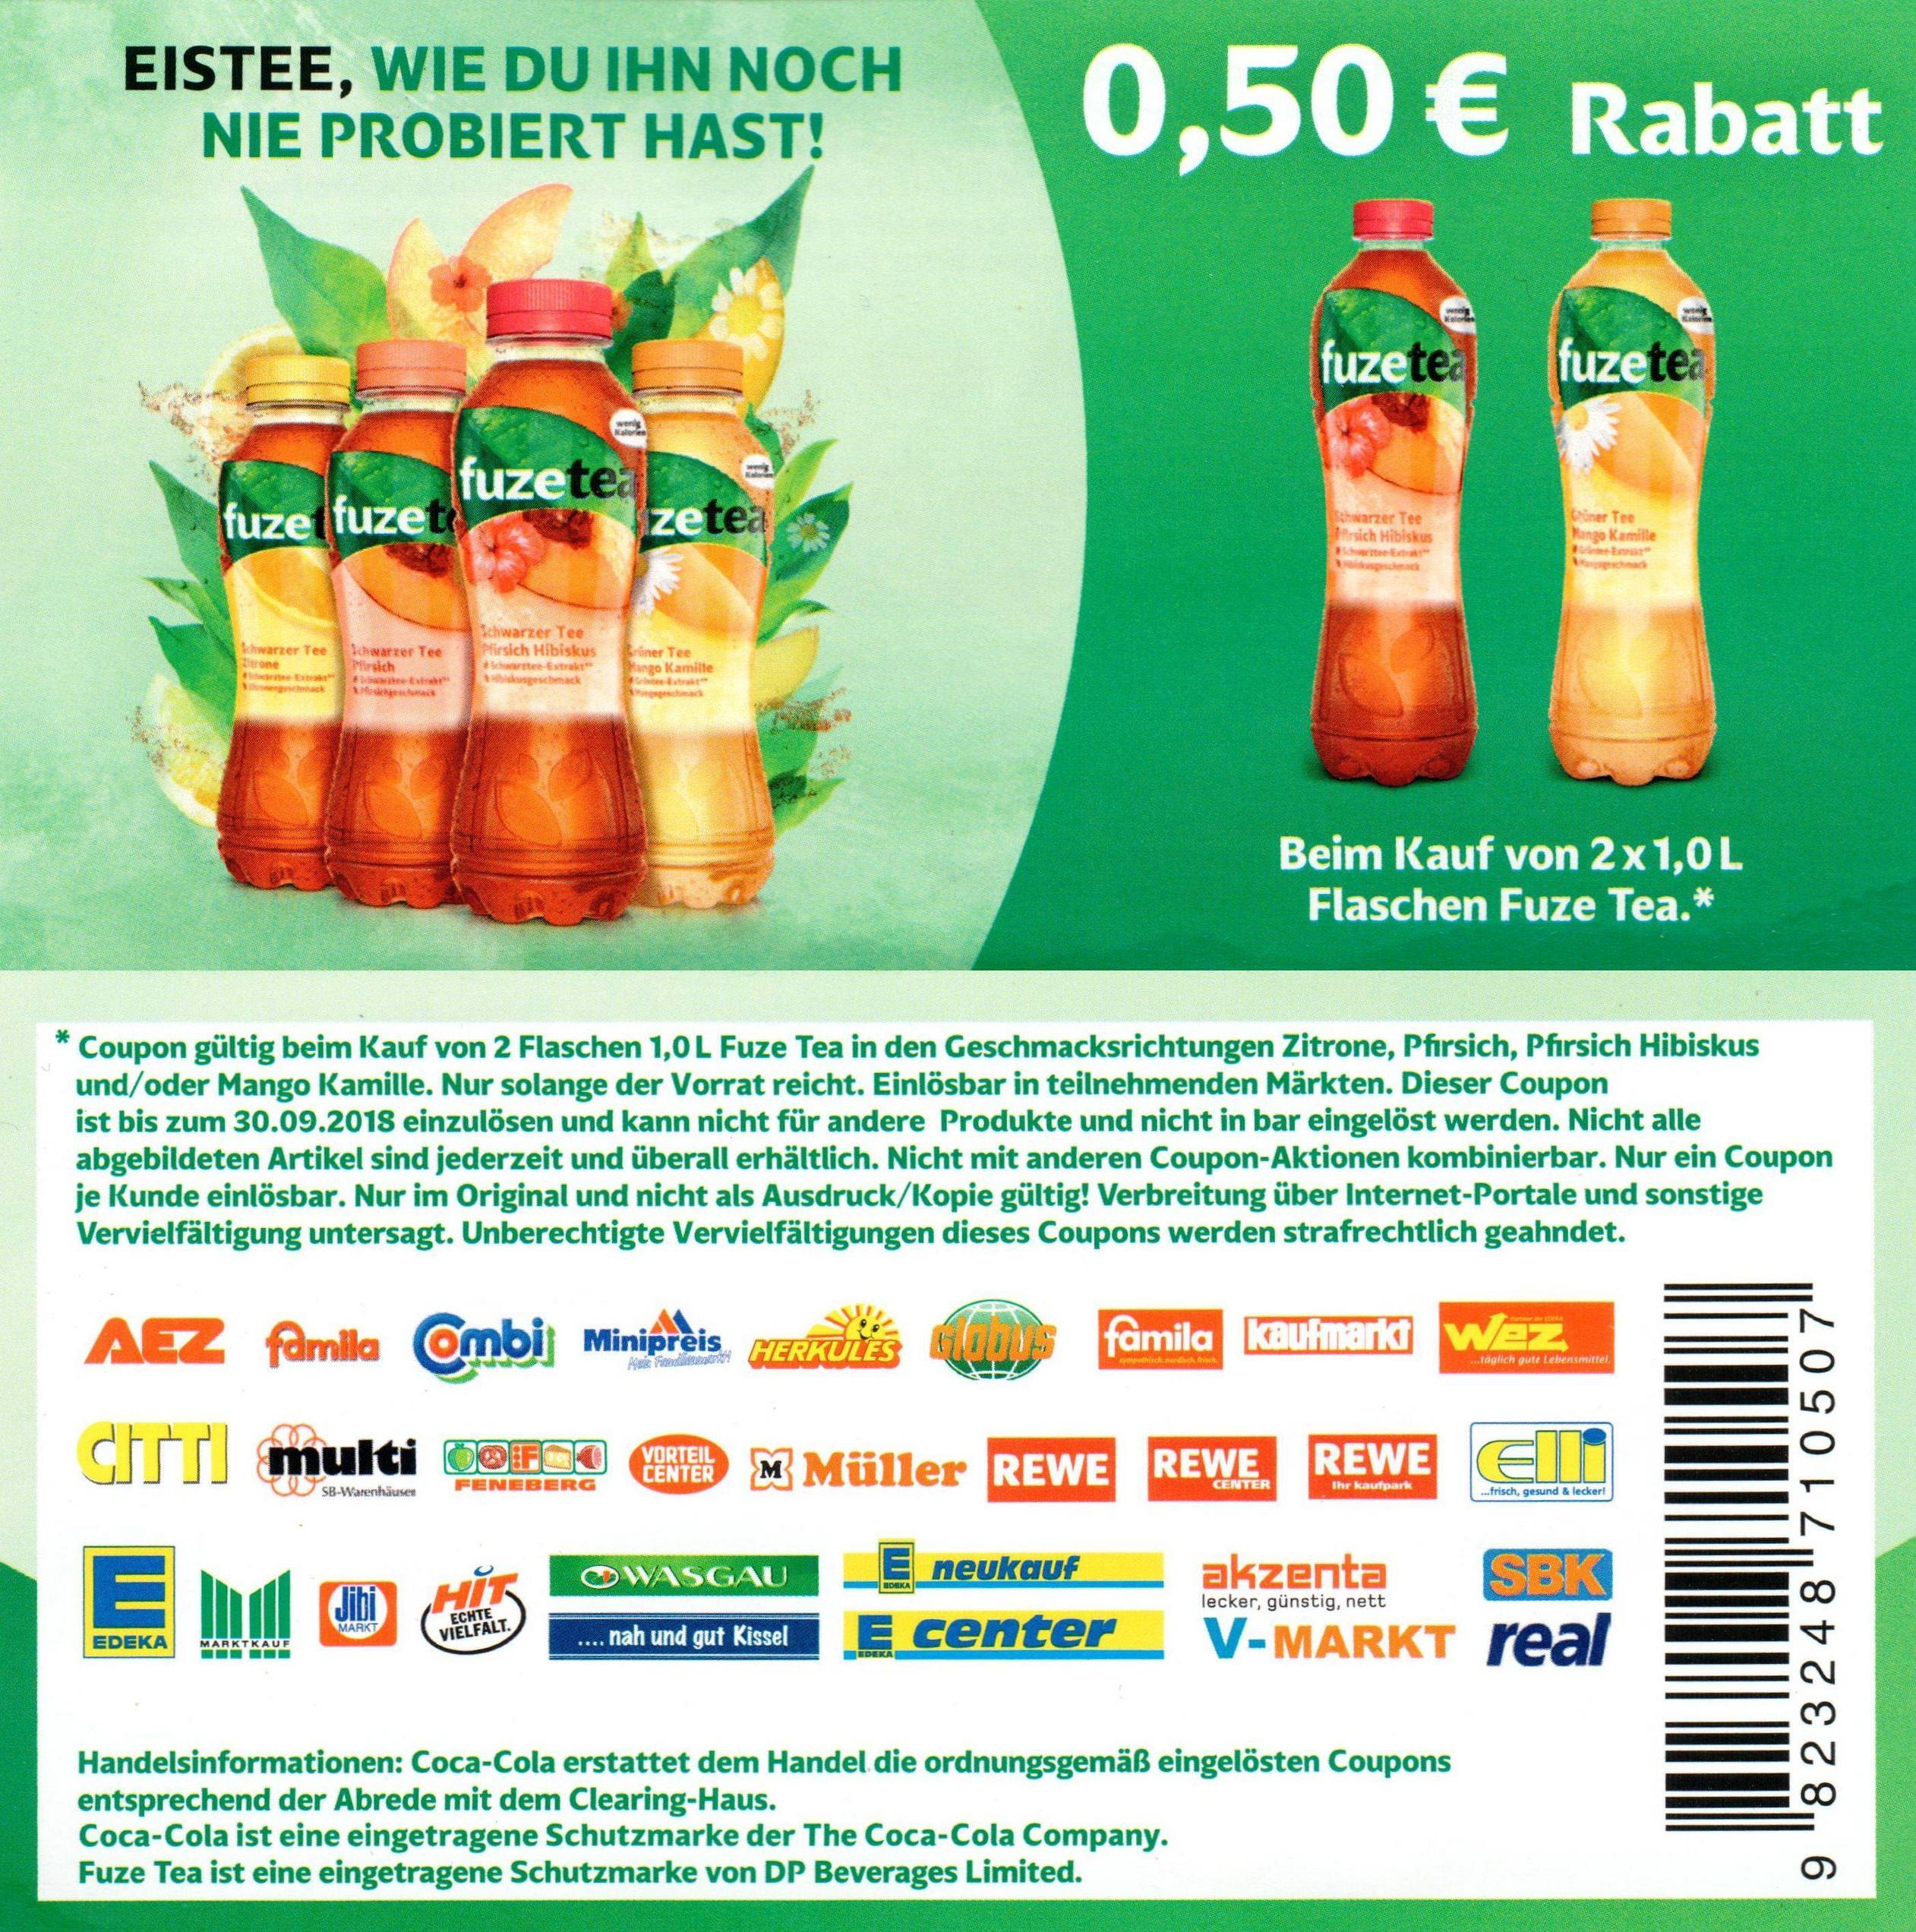 Neuer 0,50€ Coupon für den Kauf von 2x Fuze Tea 1,0l bis 30.09.2018